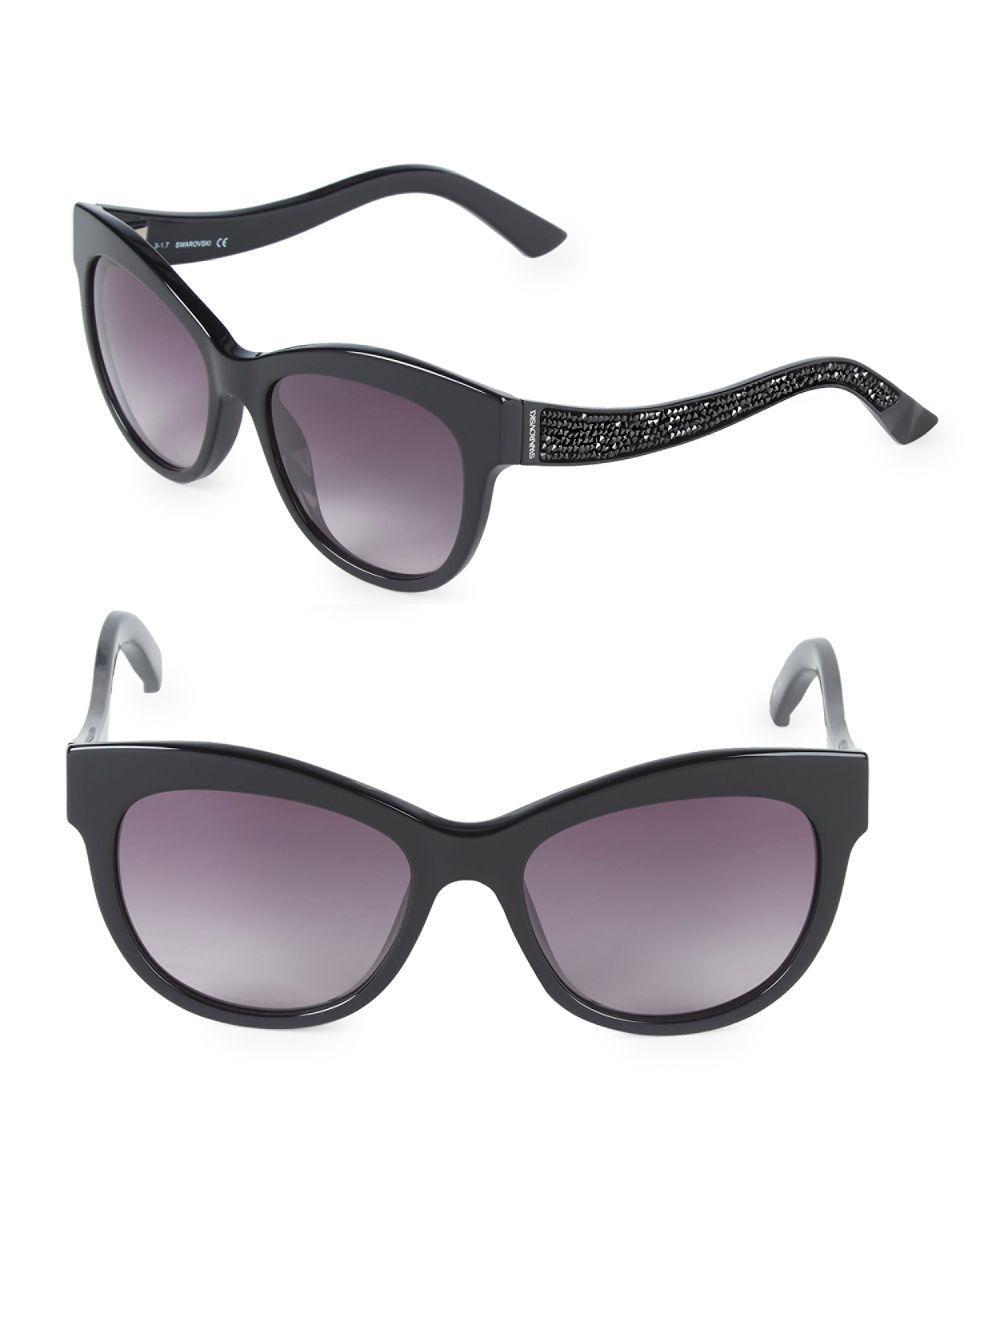 ac48e652ae96df Swarovski 54mm Square Sunglasses in Black - Lyst